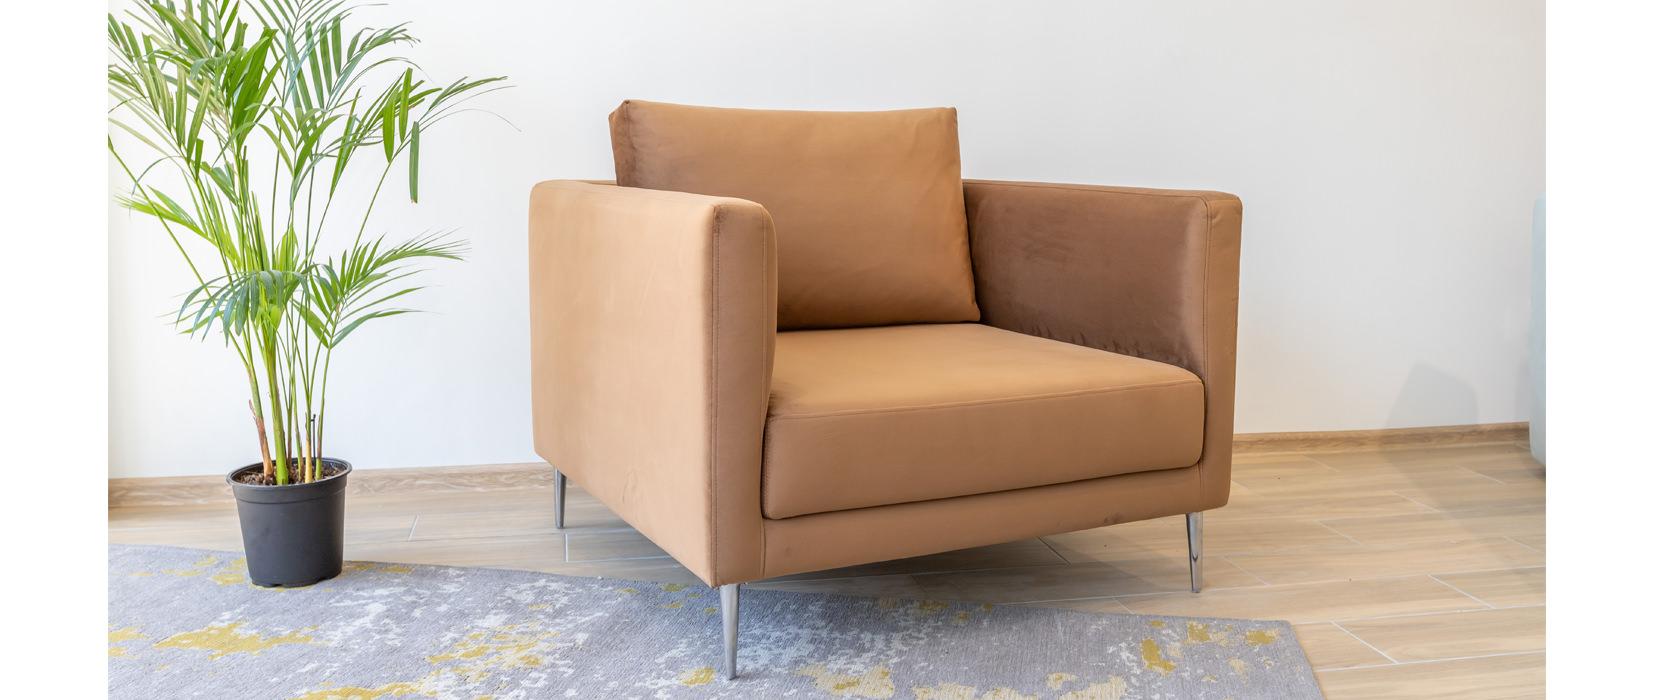 Кресло Augusto - Фото 2 - Pufetto